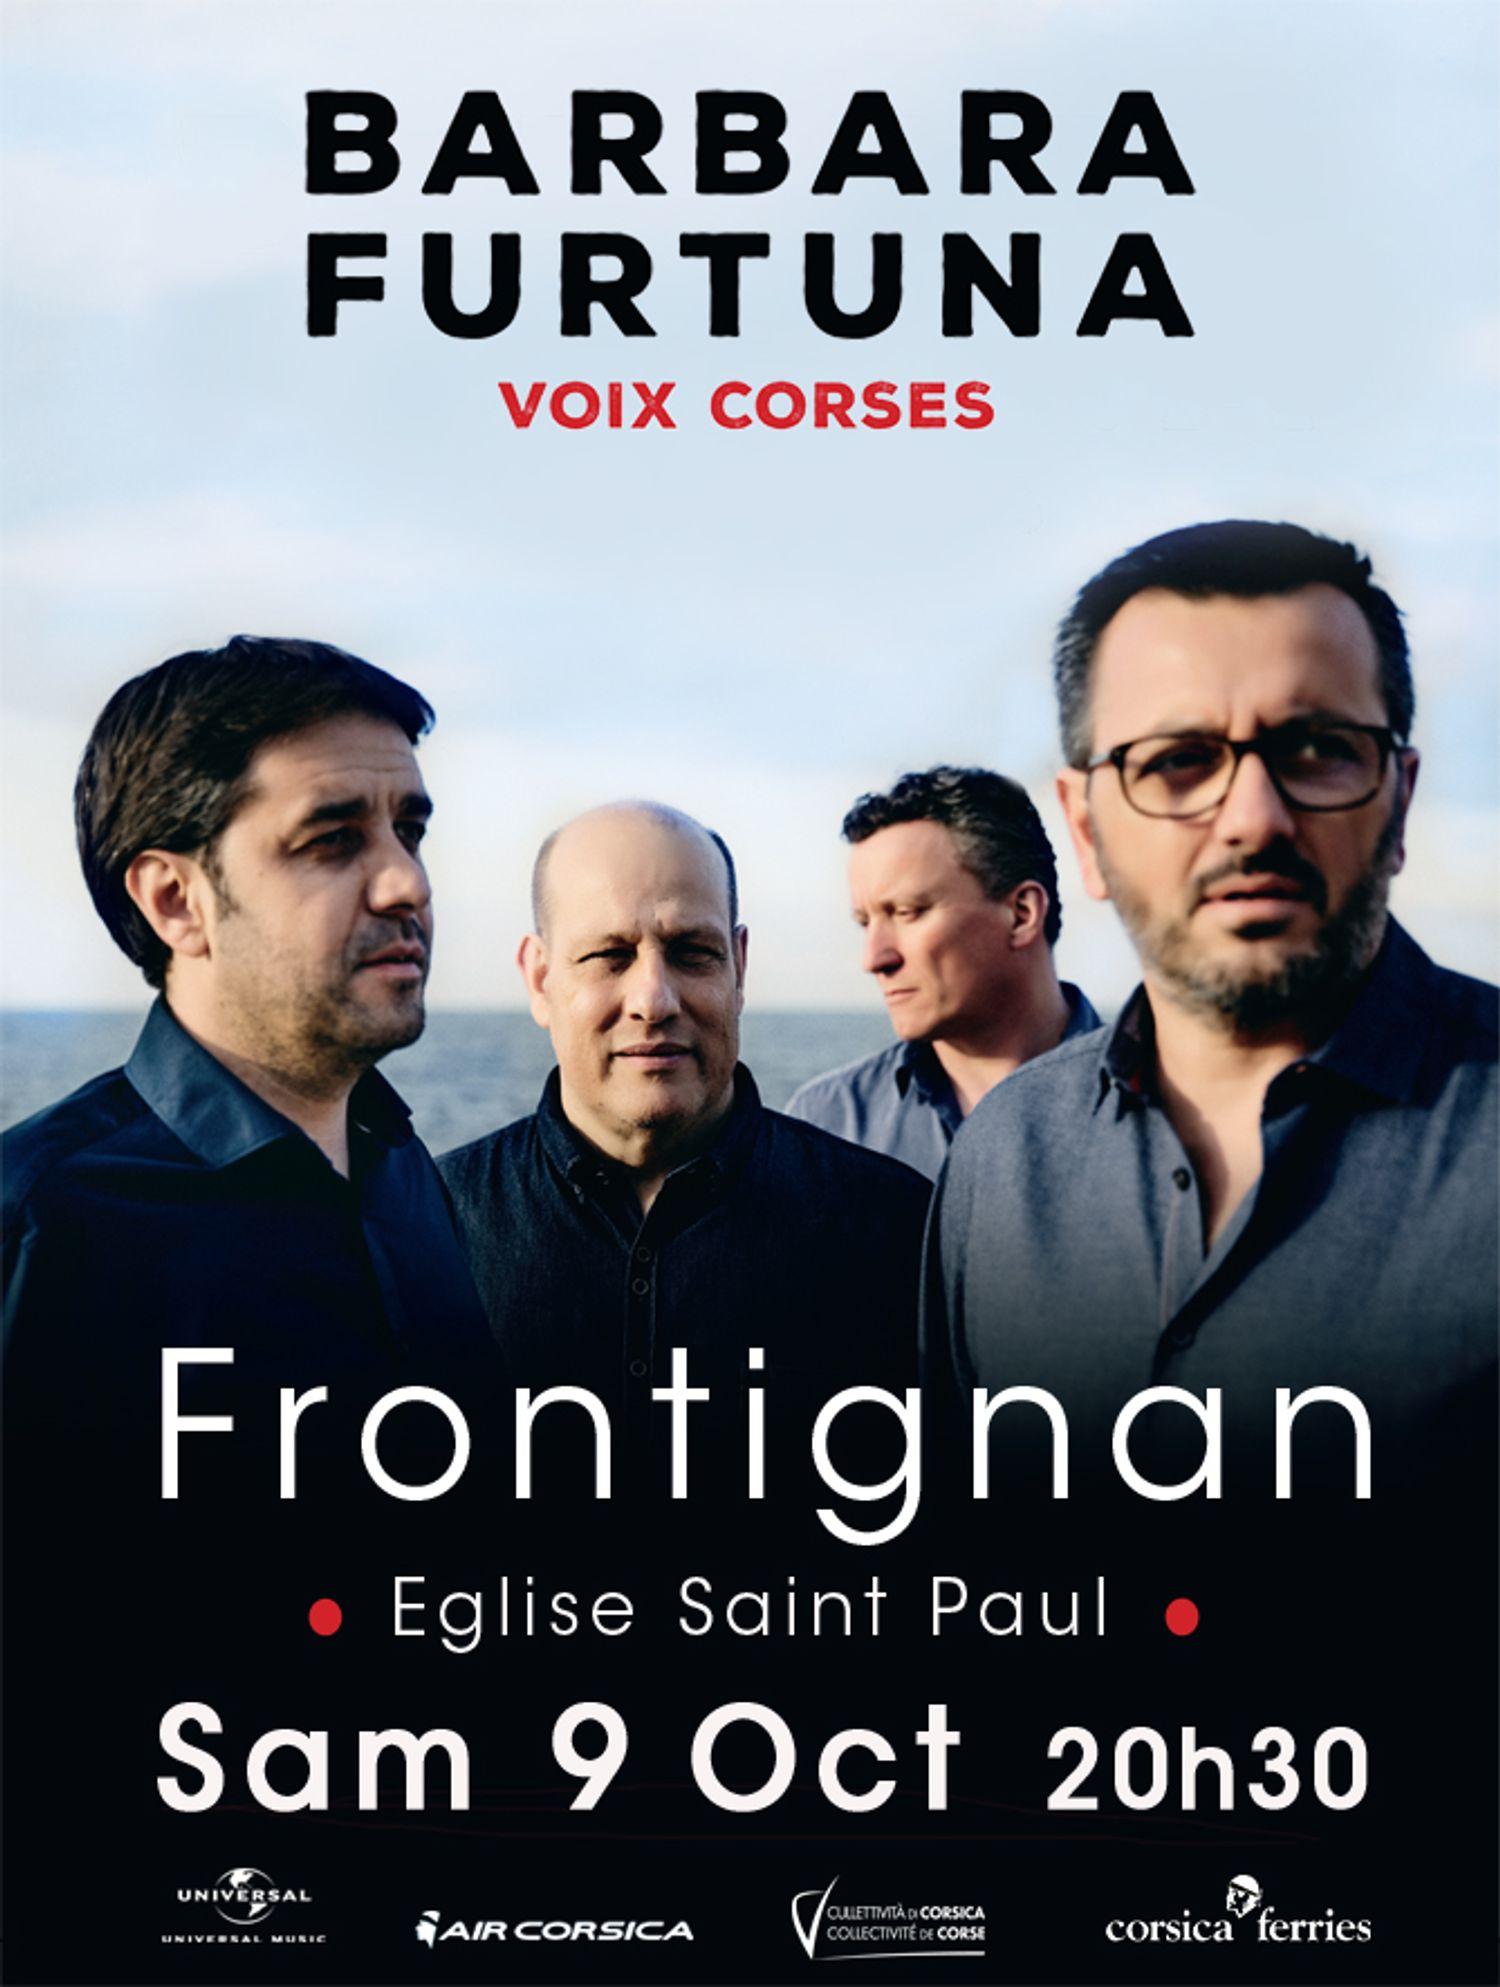 Barbara Furtuna en concert à Frontignan